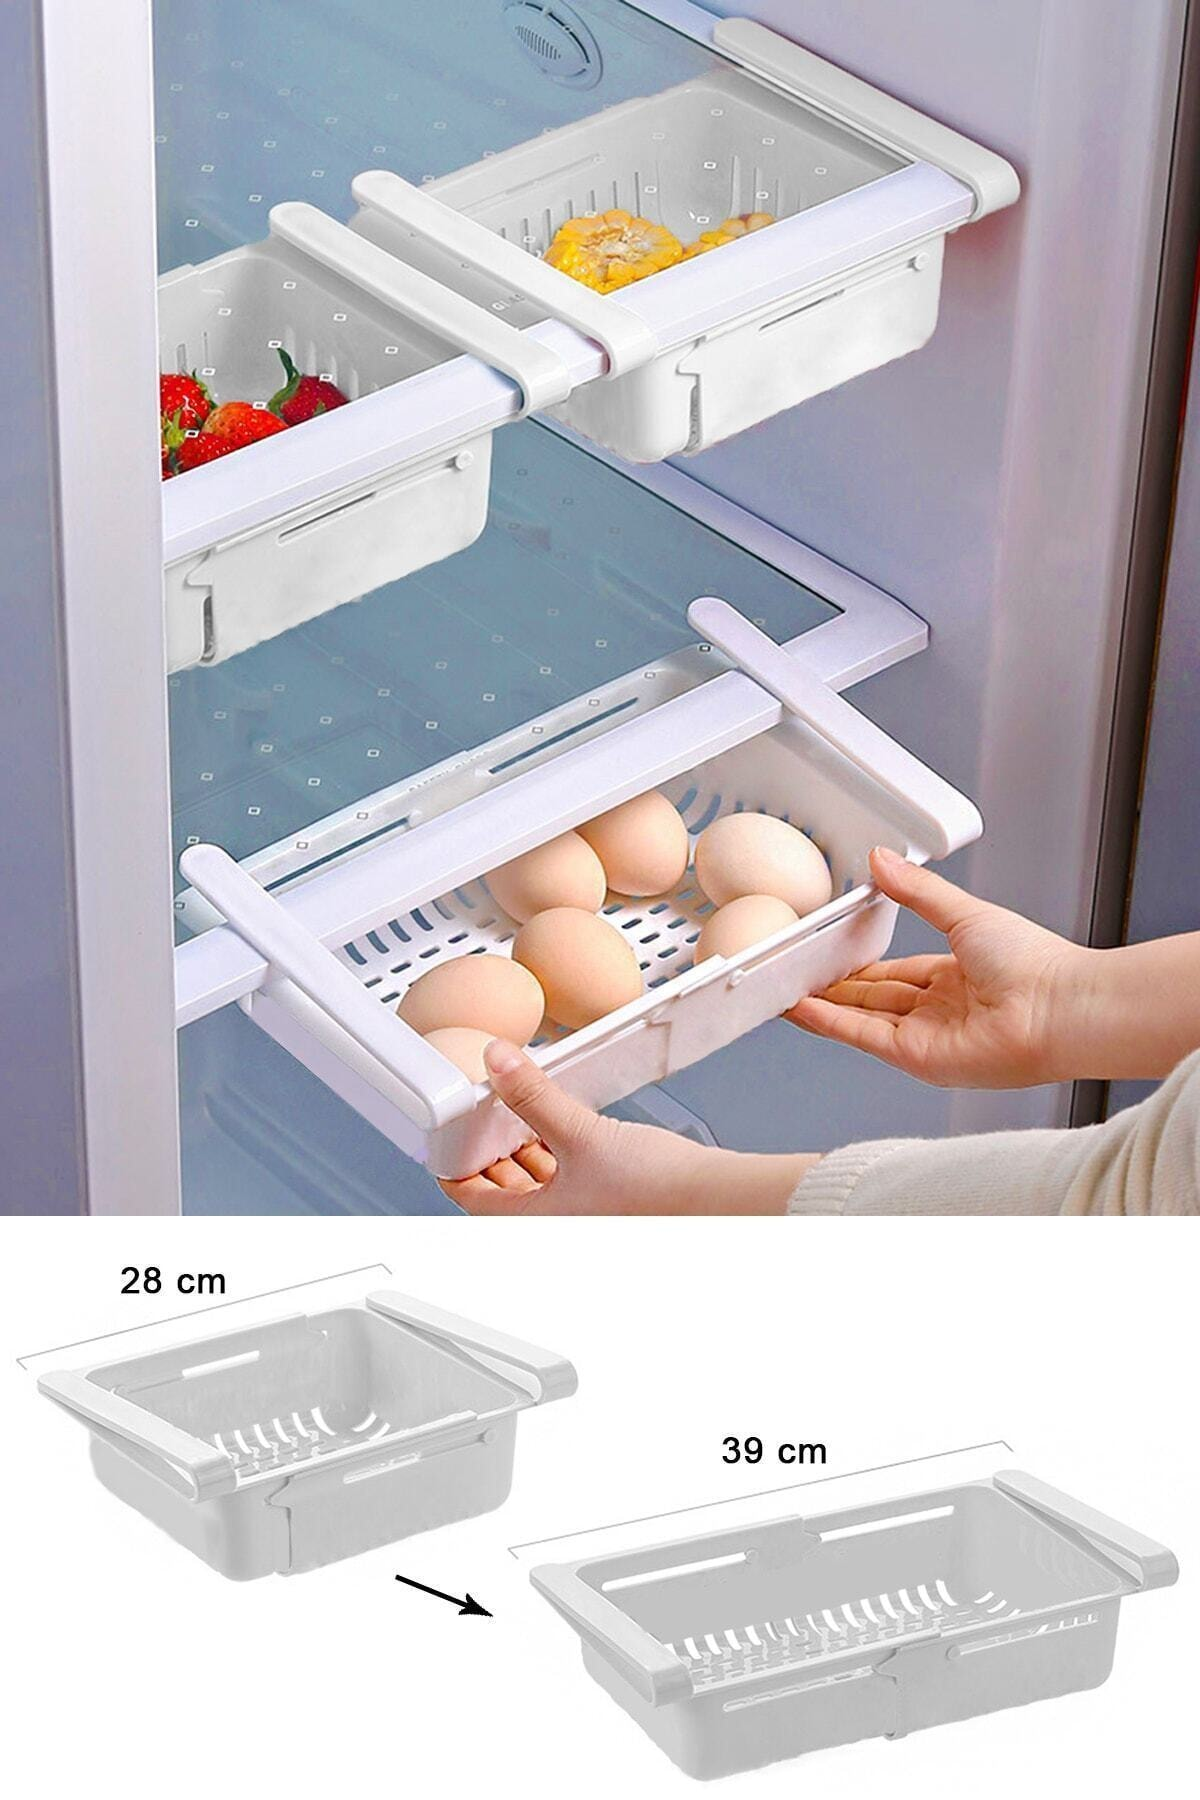 zeynonun dükkanı Ayarlanabilir Buzdolabı Dolap Içi Düzenleyici Sepet Çekmece Raf Organizeri 1